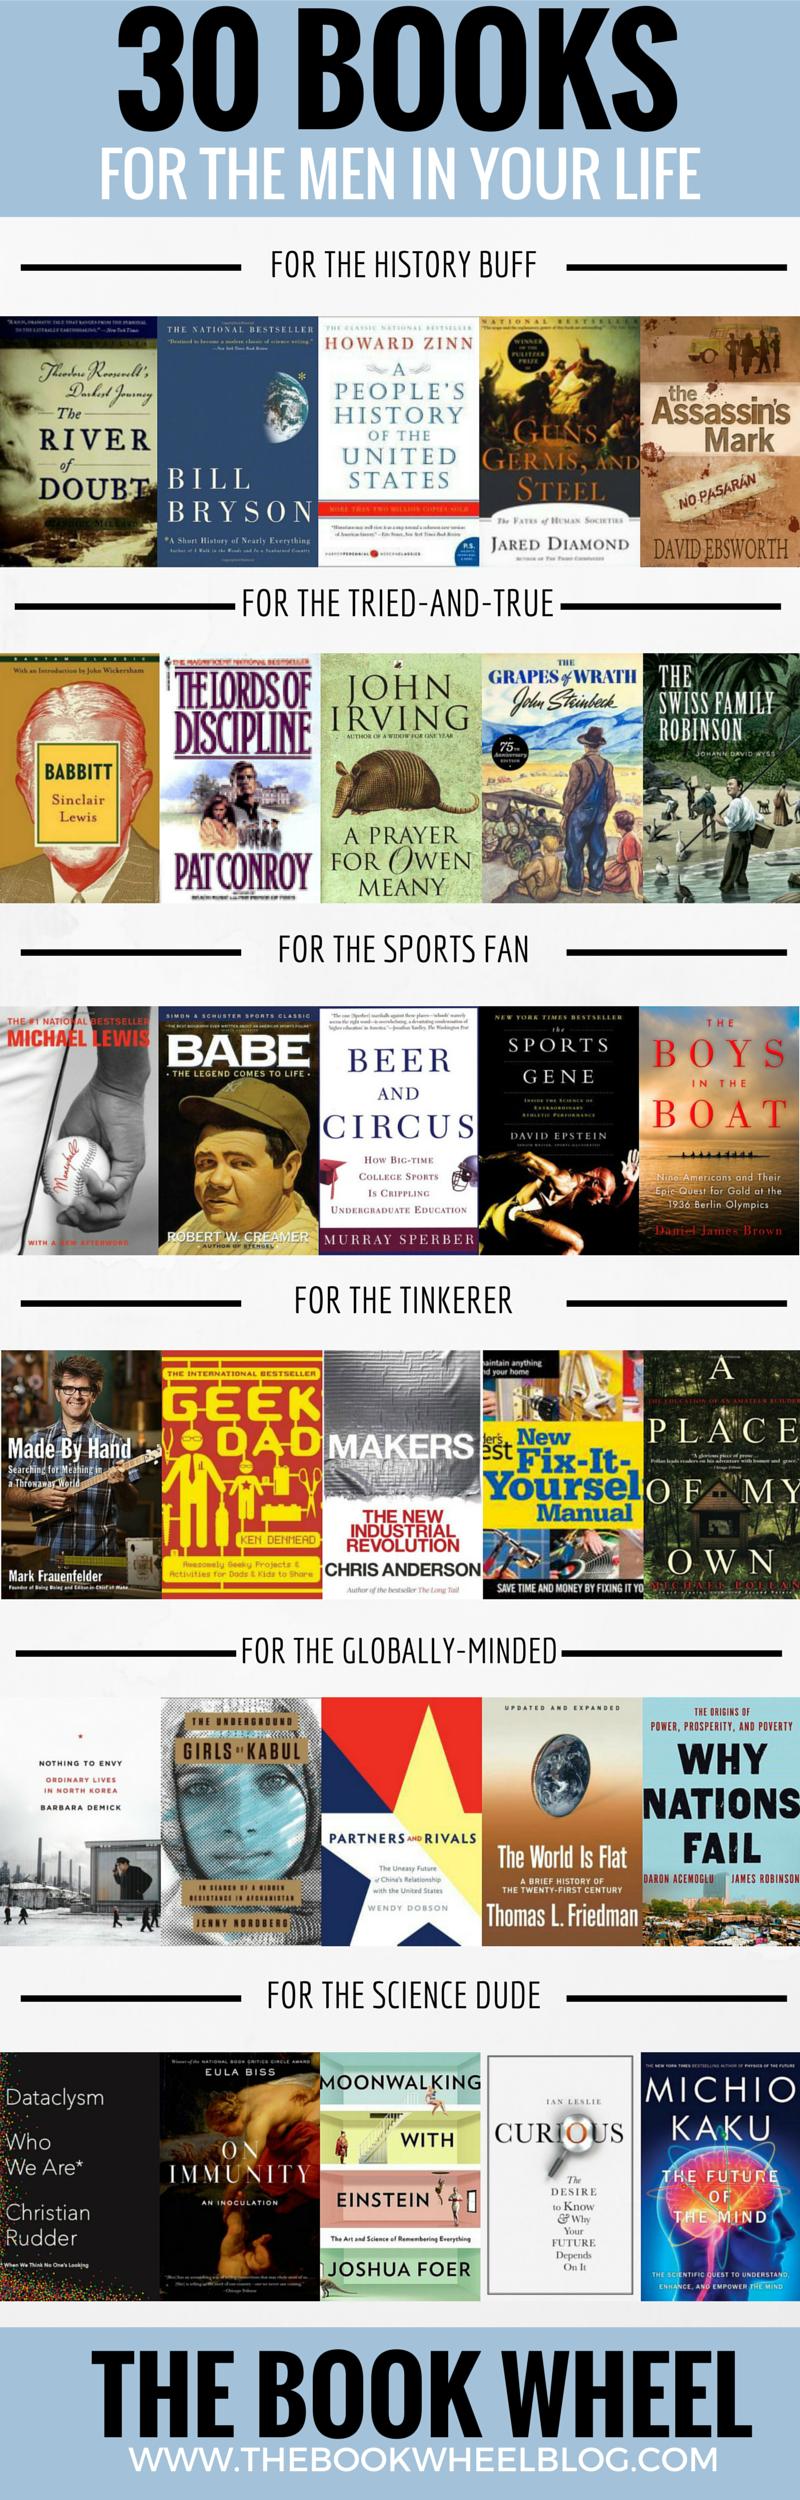 Books for men infographic